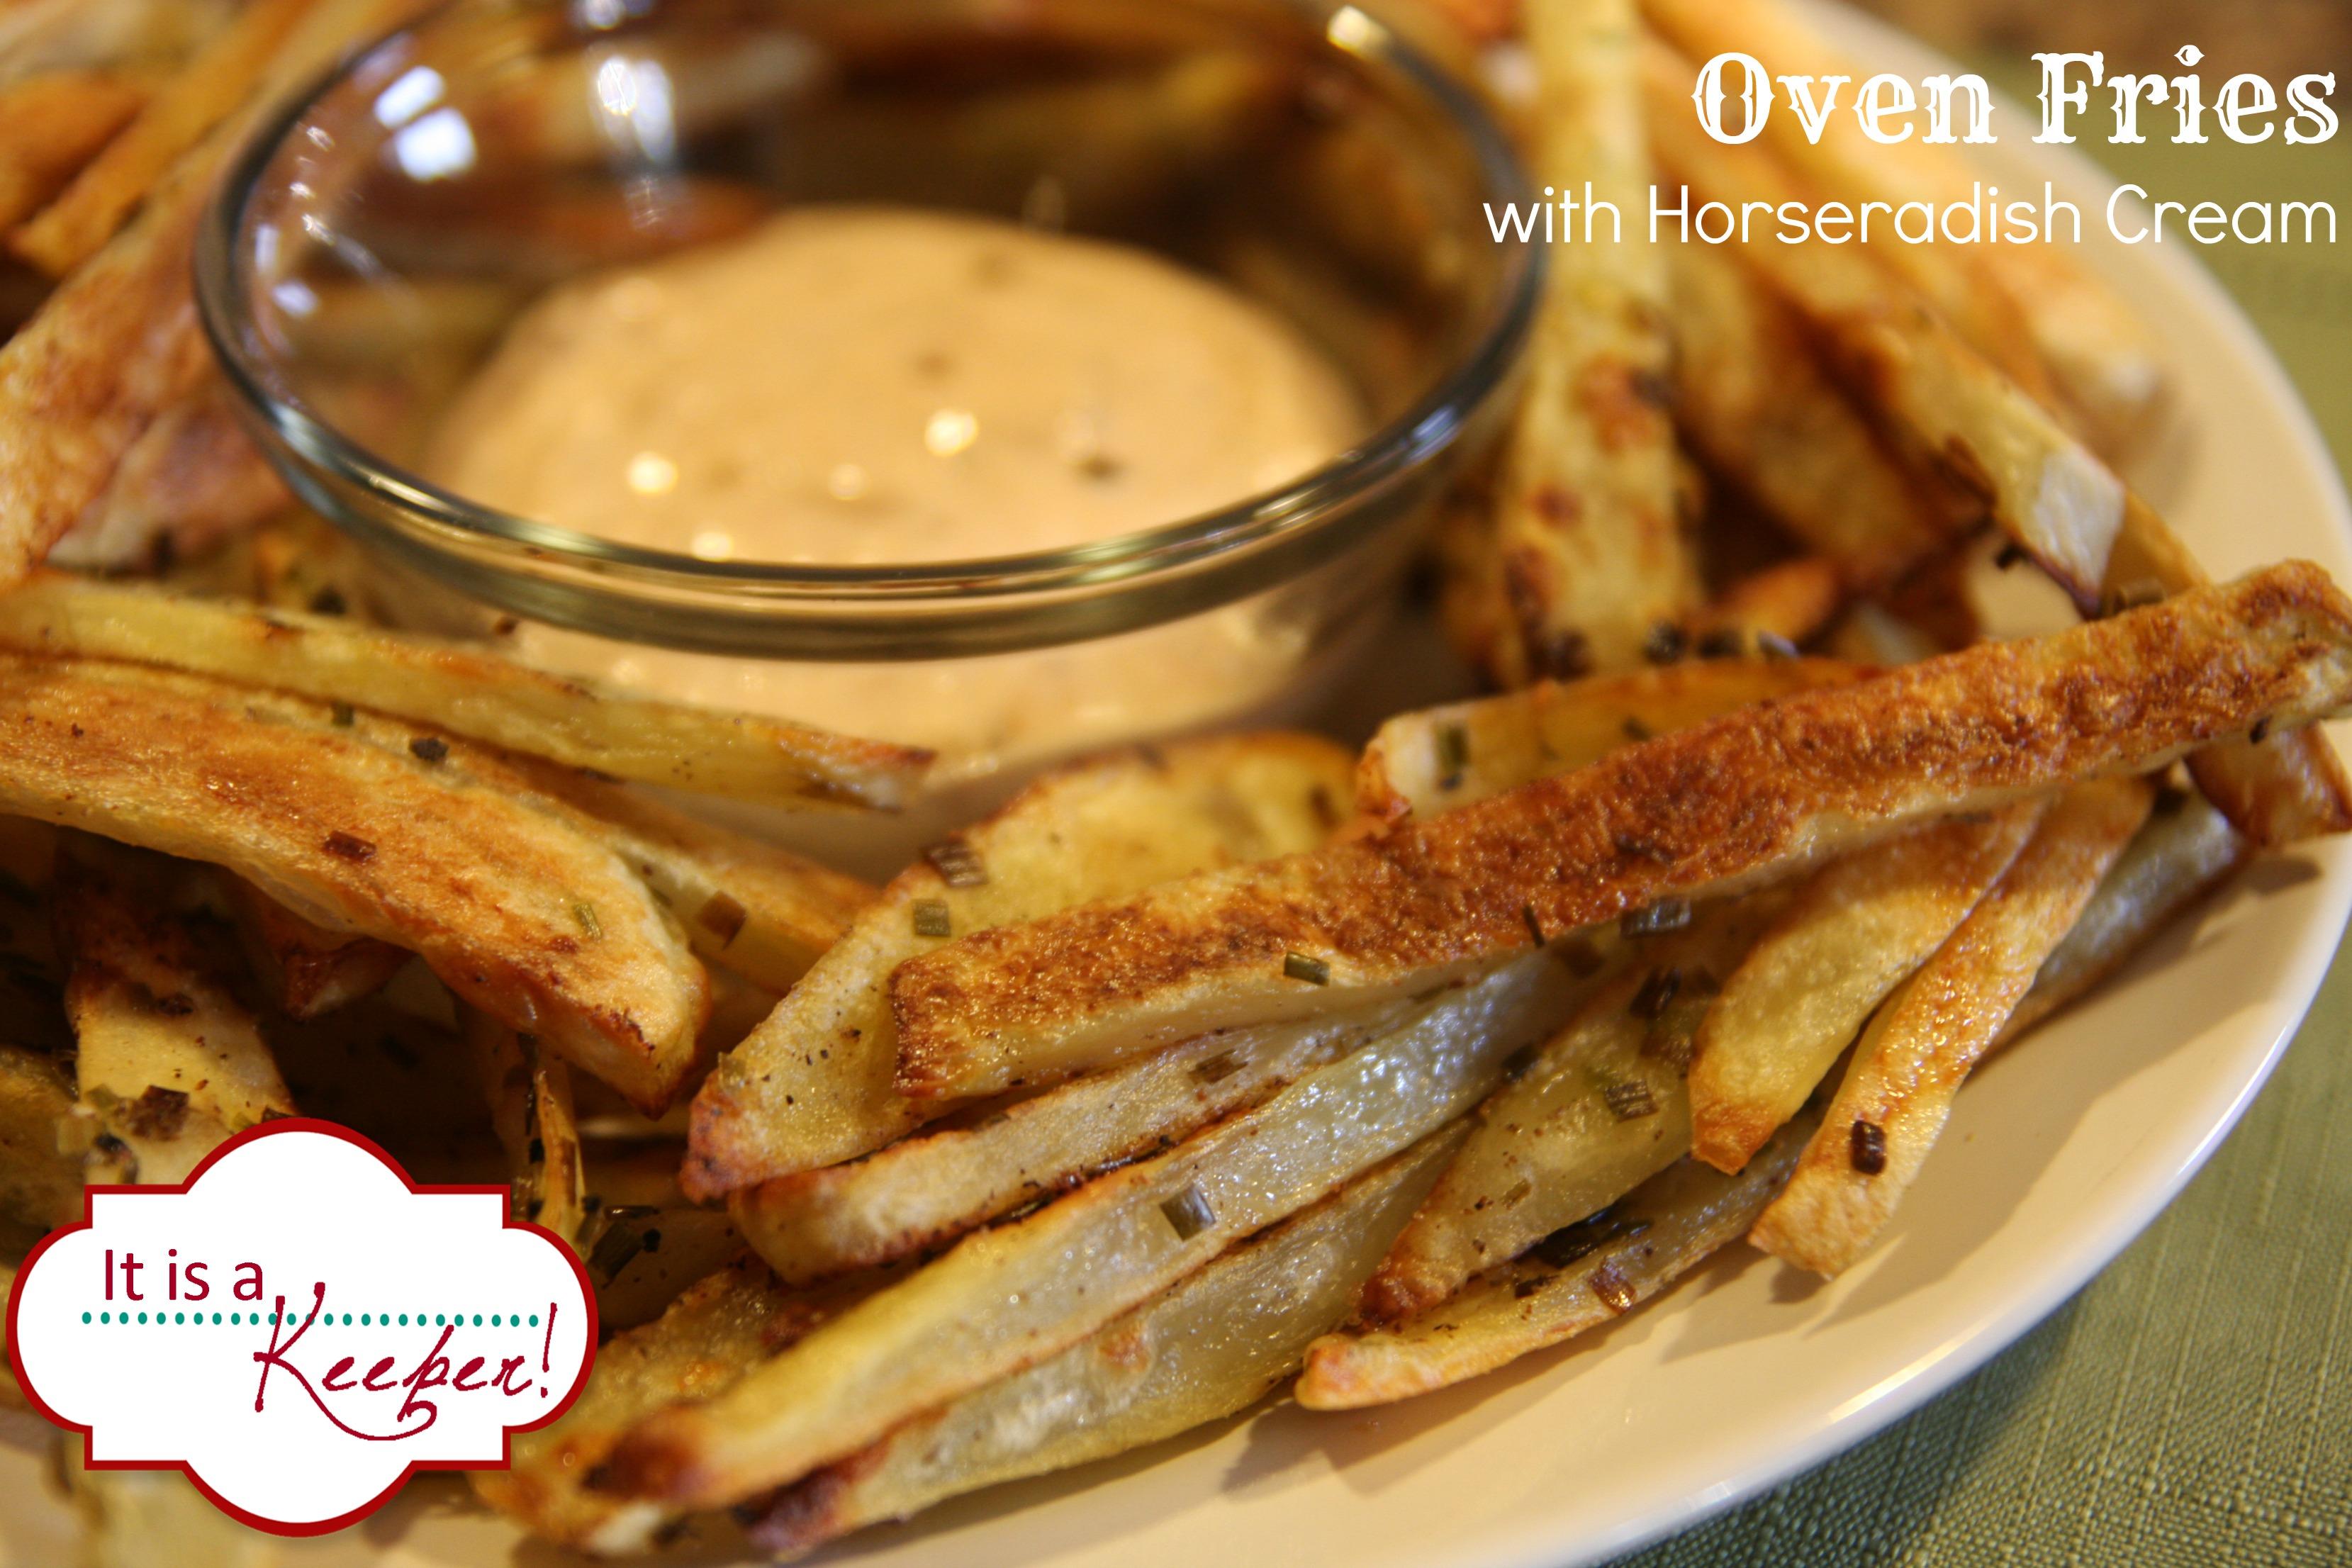 Oven Fries with Horseradish Cream